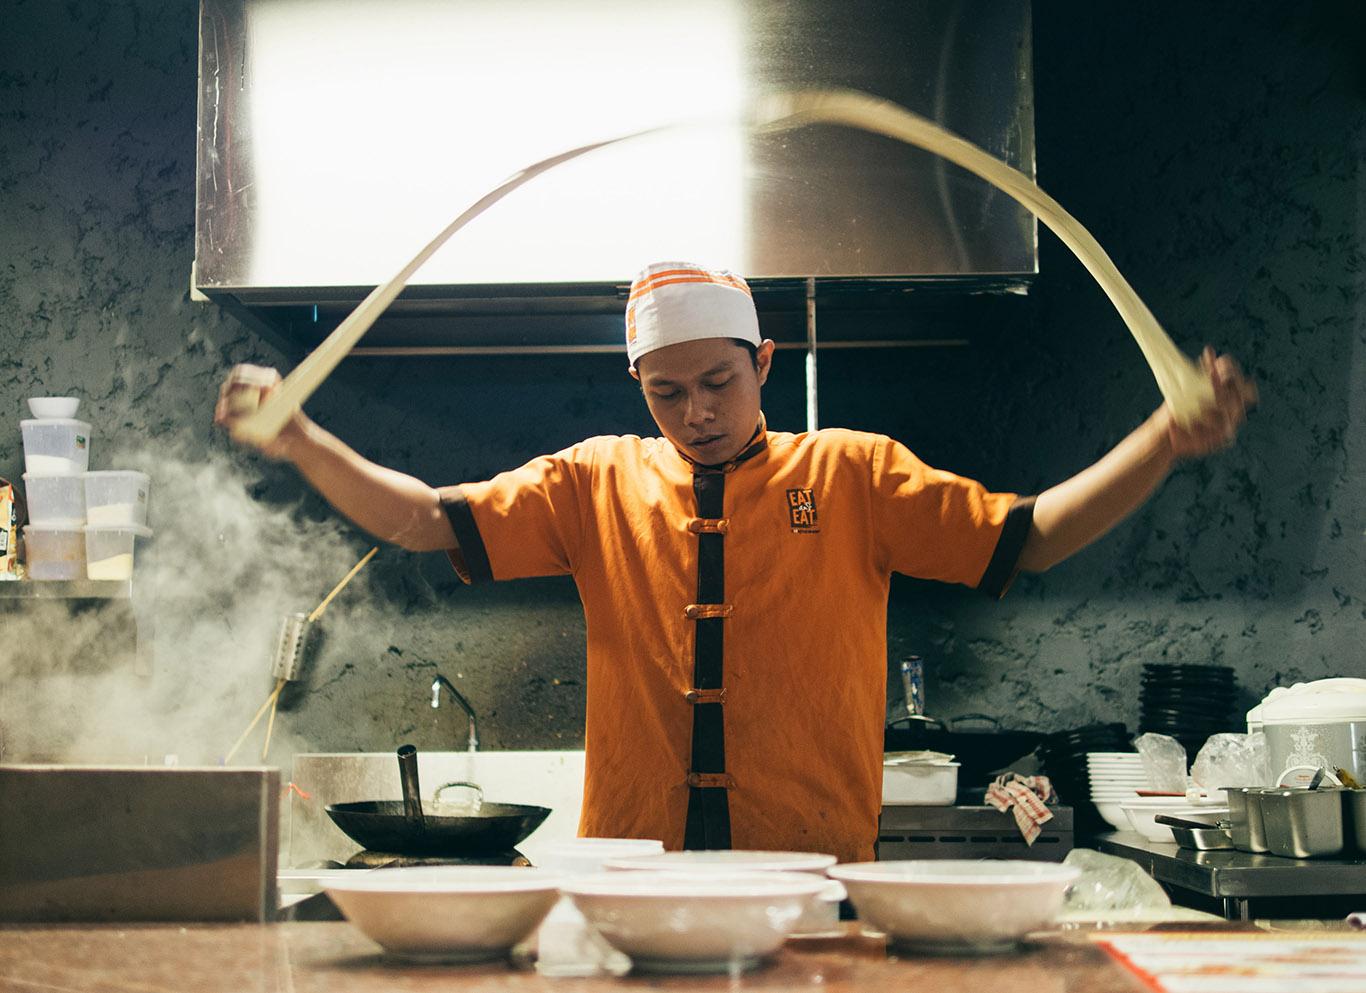 五反田で中華料理がおすすめなお店まとめ!人気の食べ放題飲み放題も!